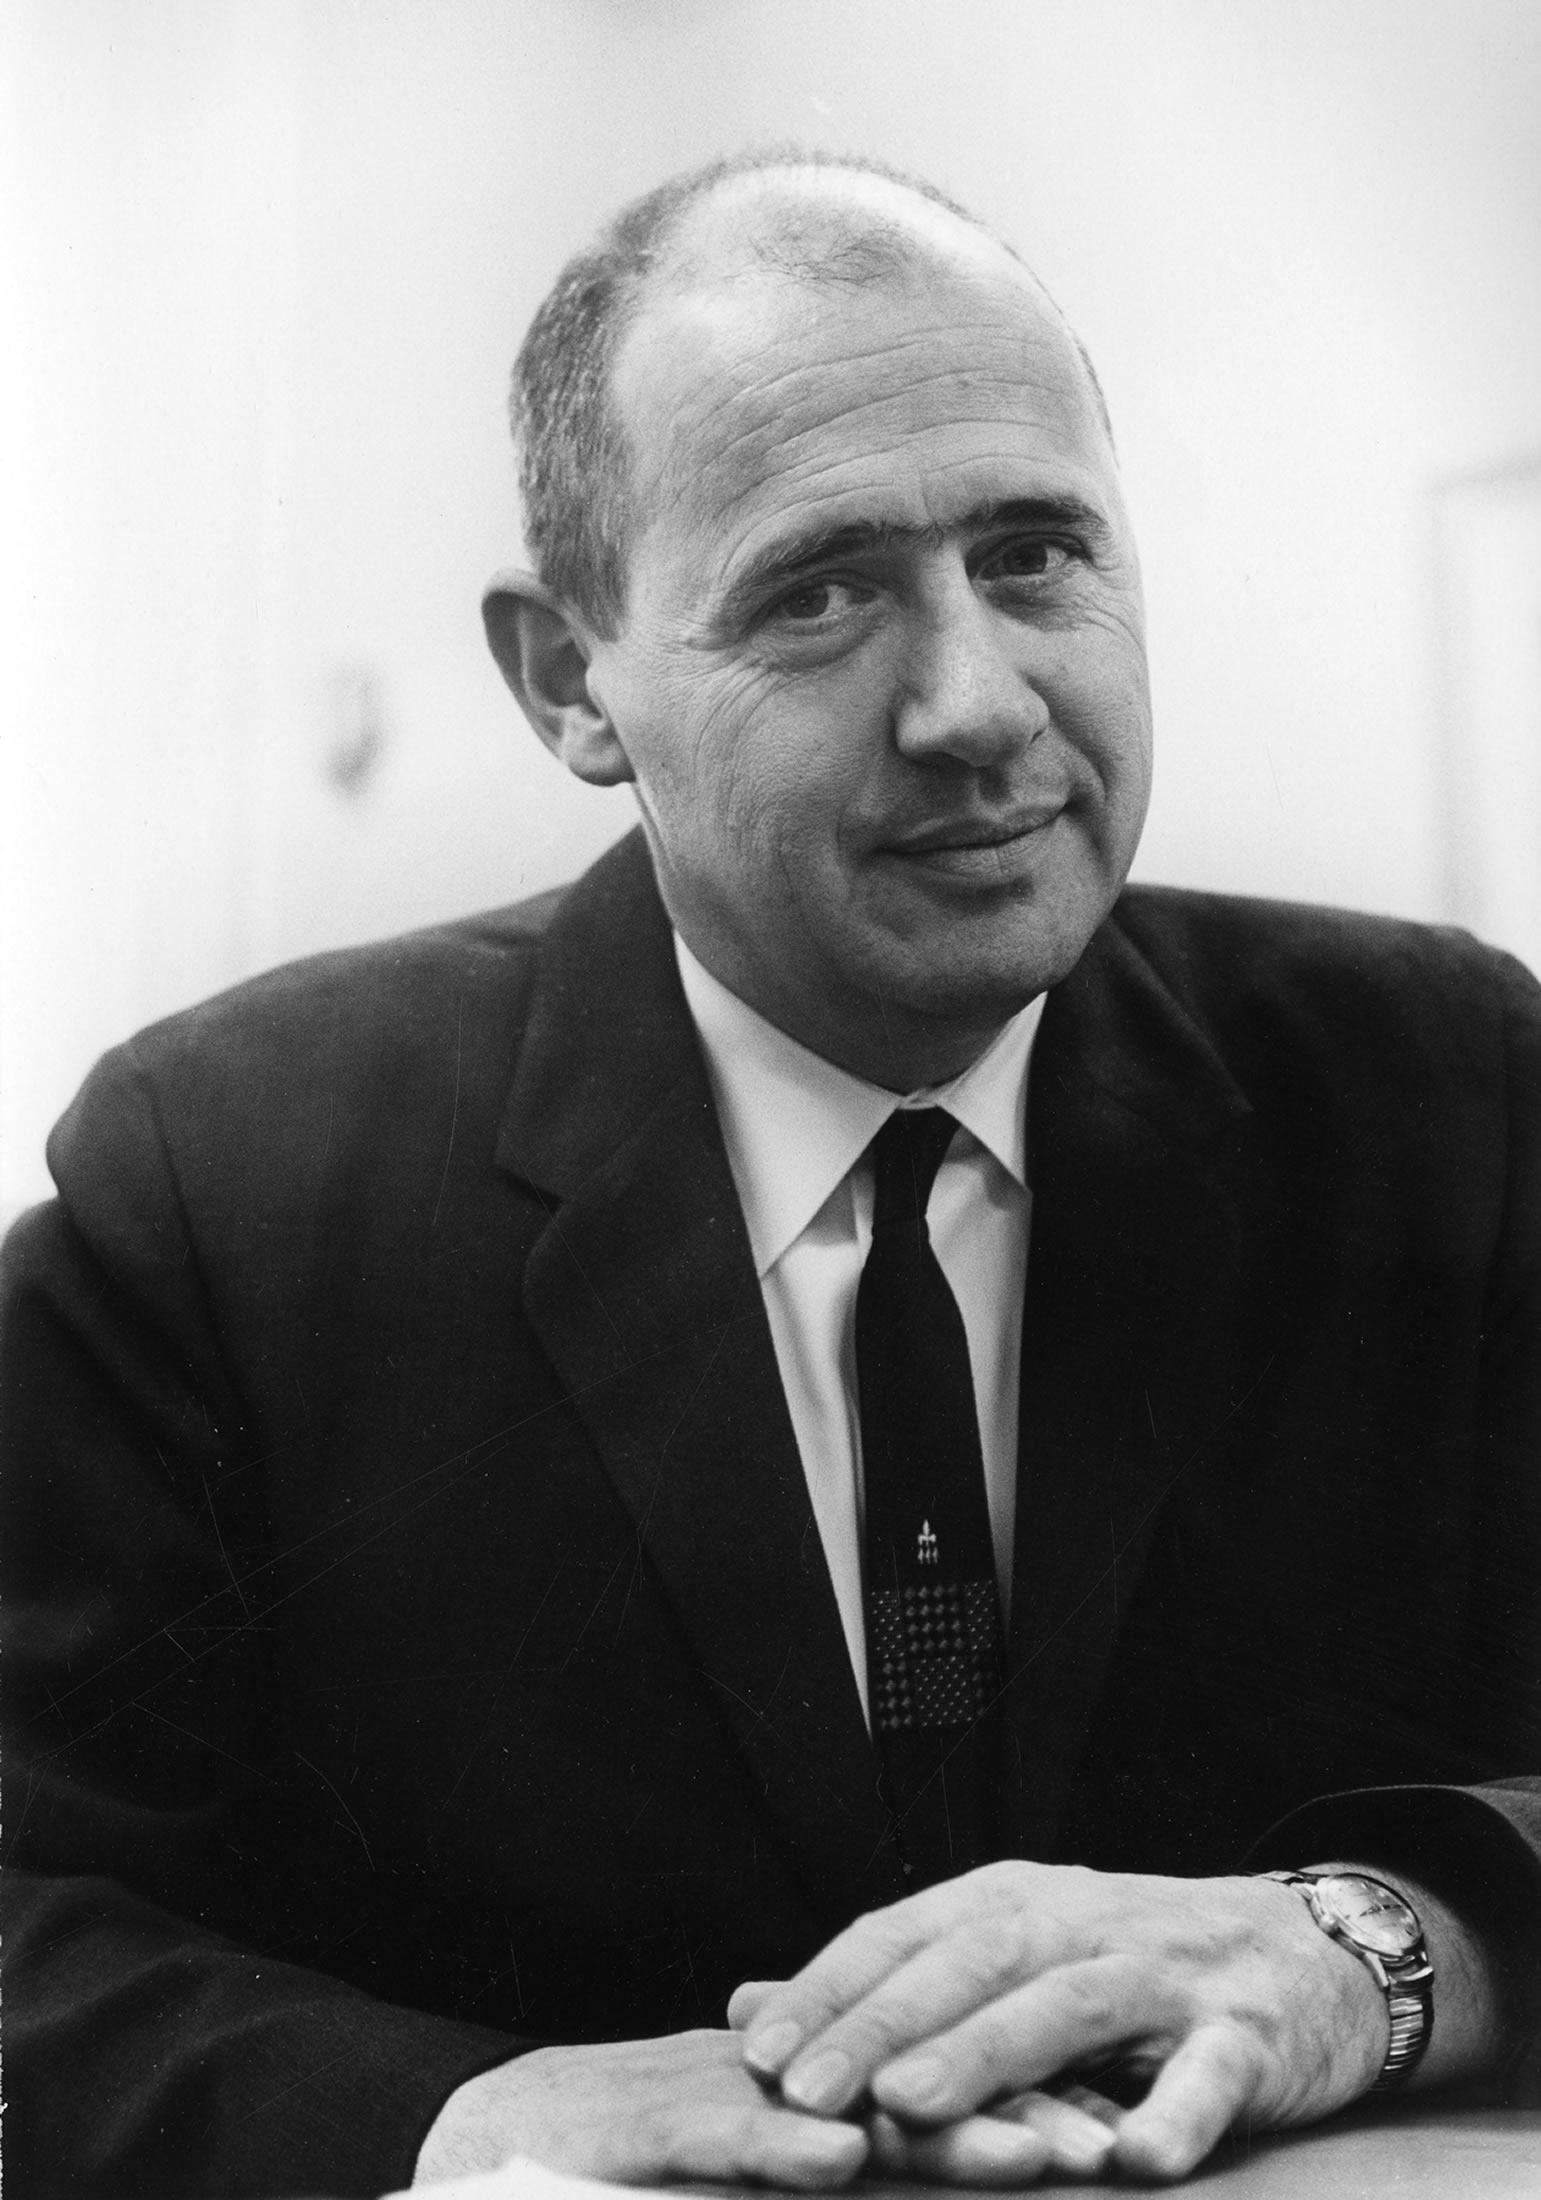 William Gould